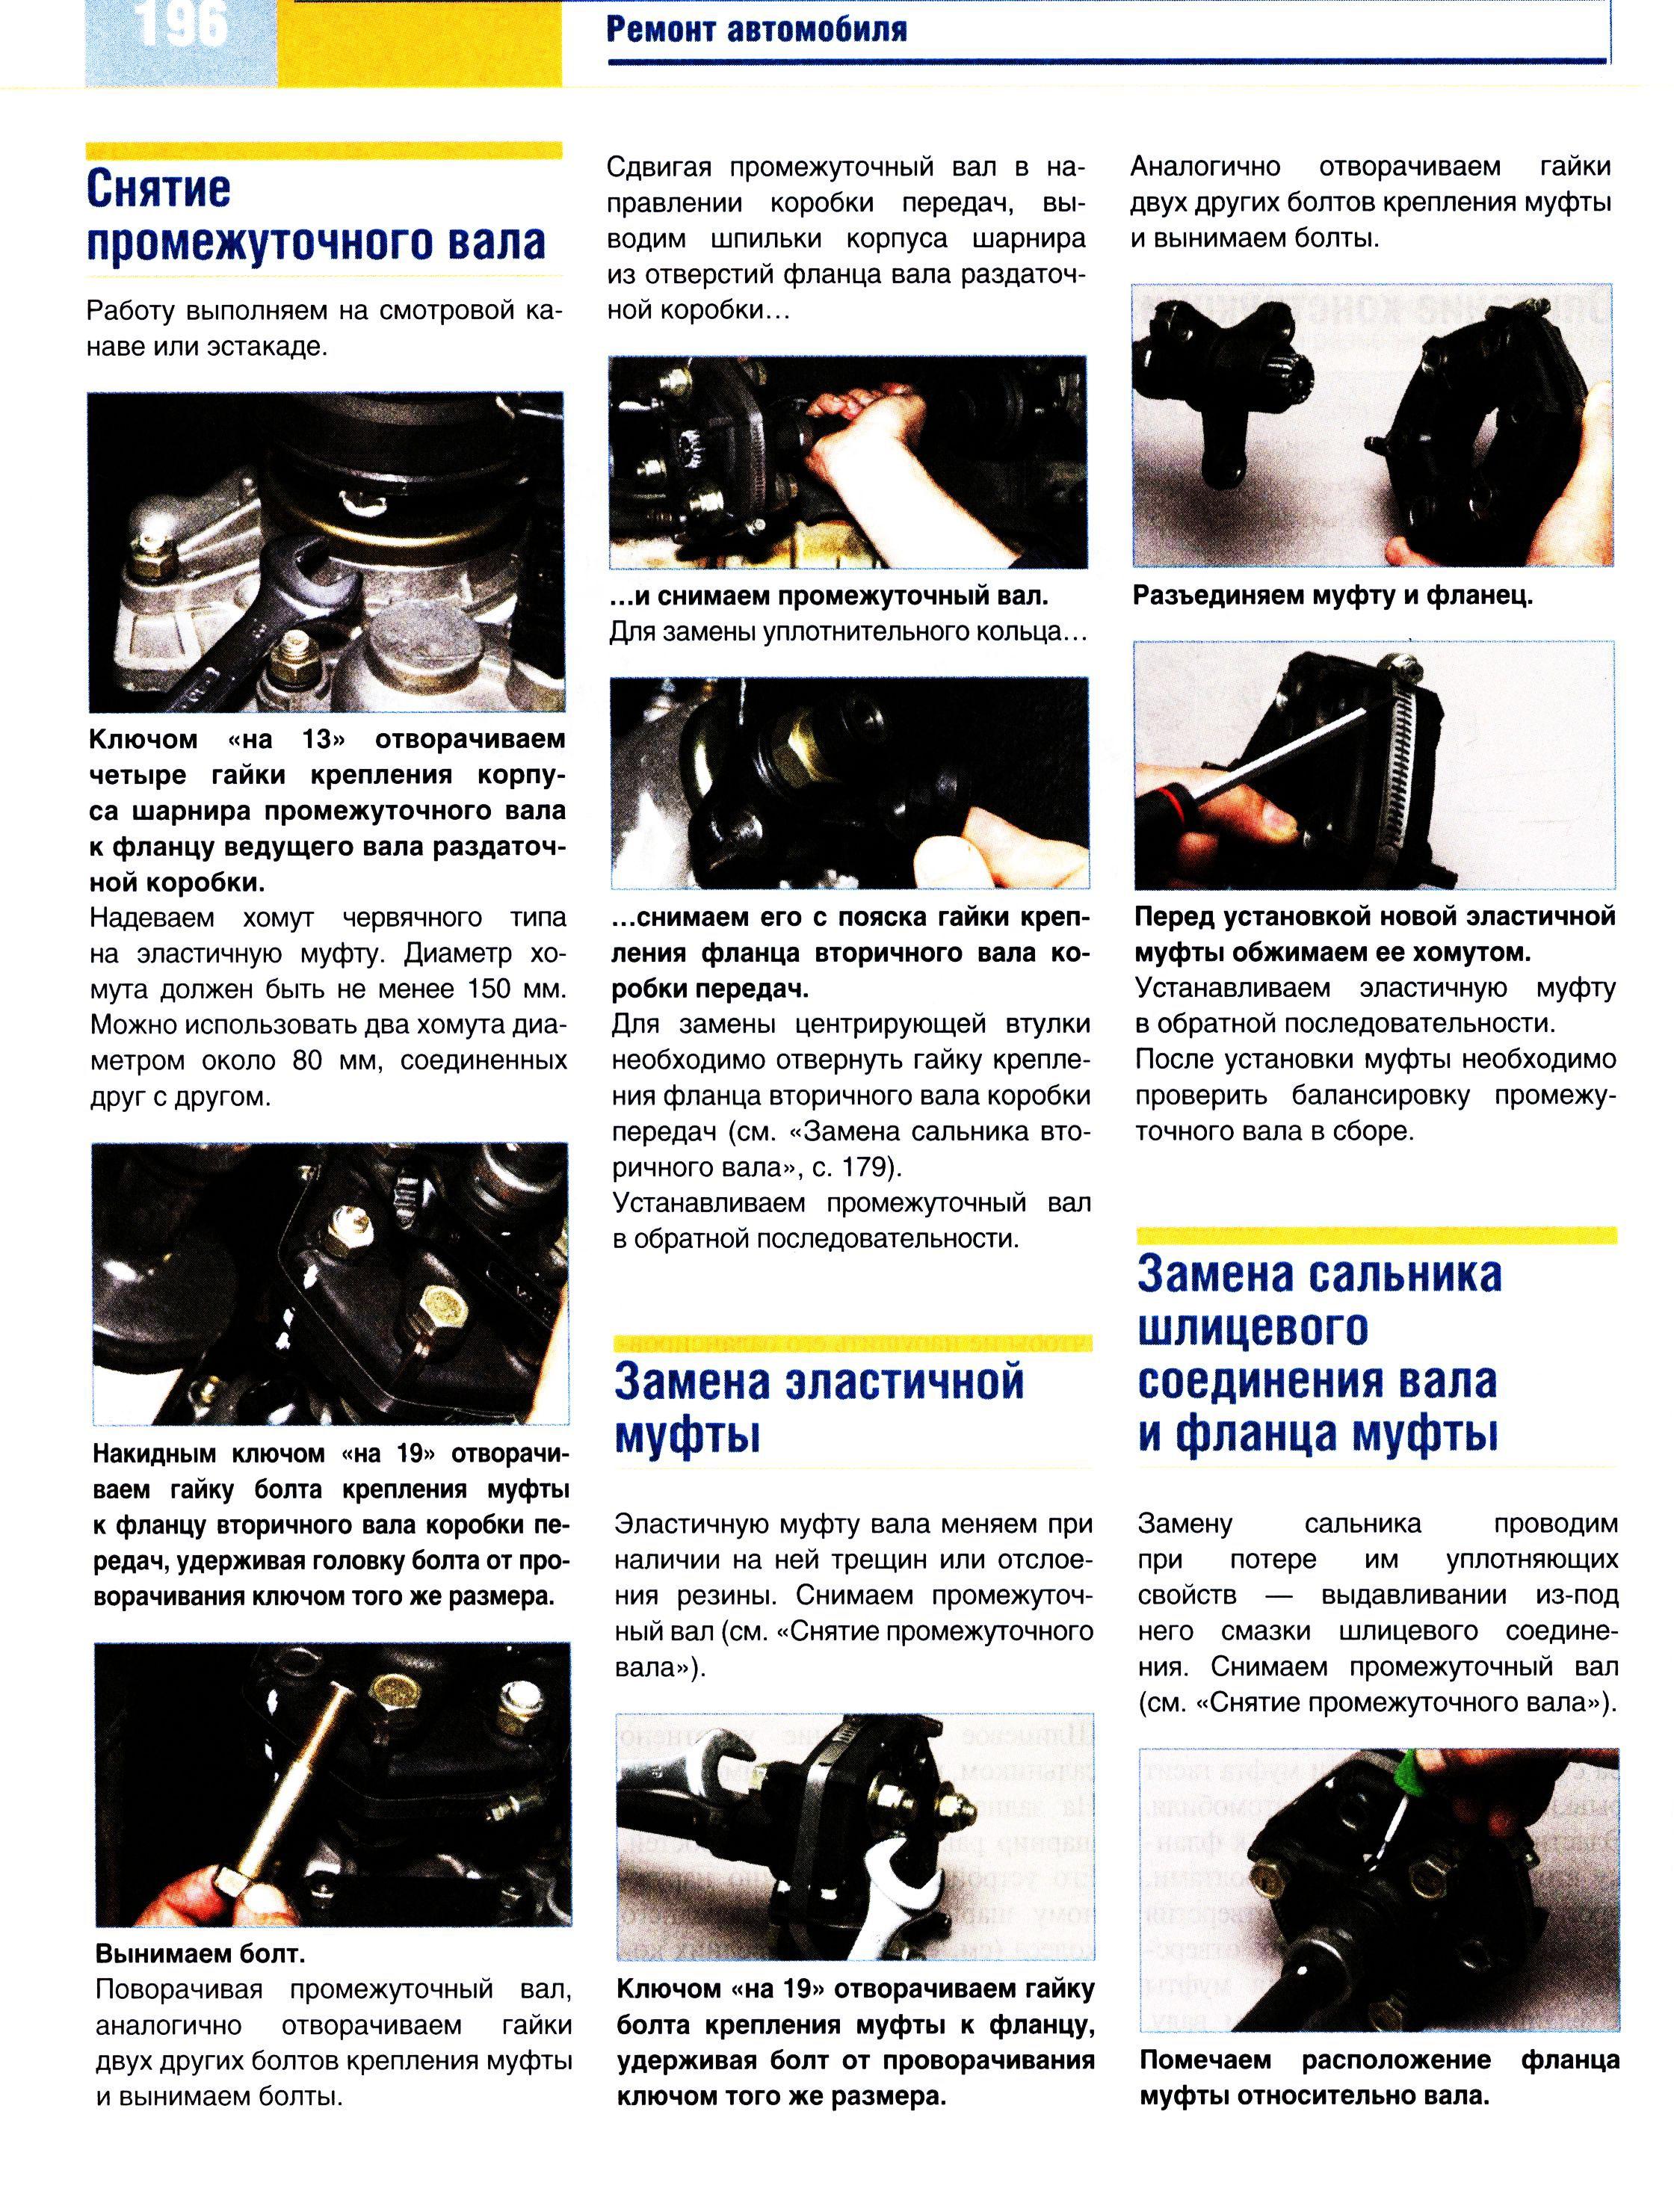 скачать бесплатно руководство по ремонту и эксплуатации нива шевроле